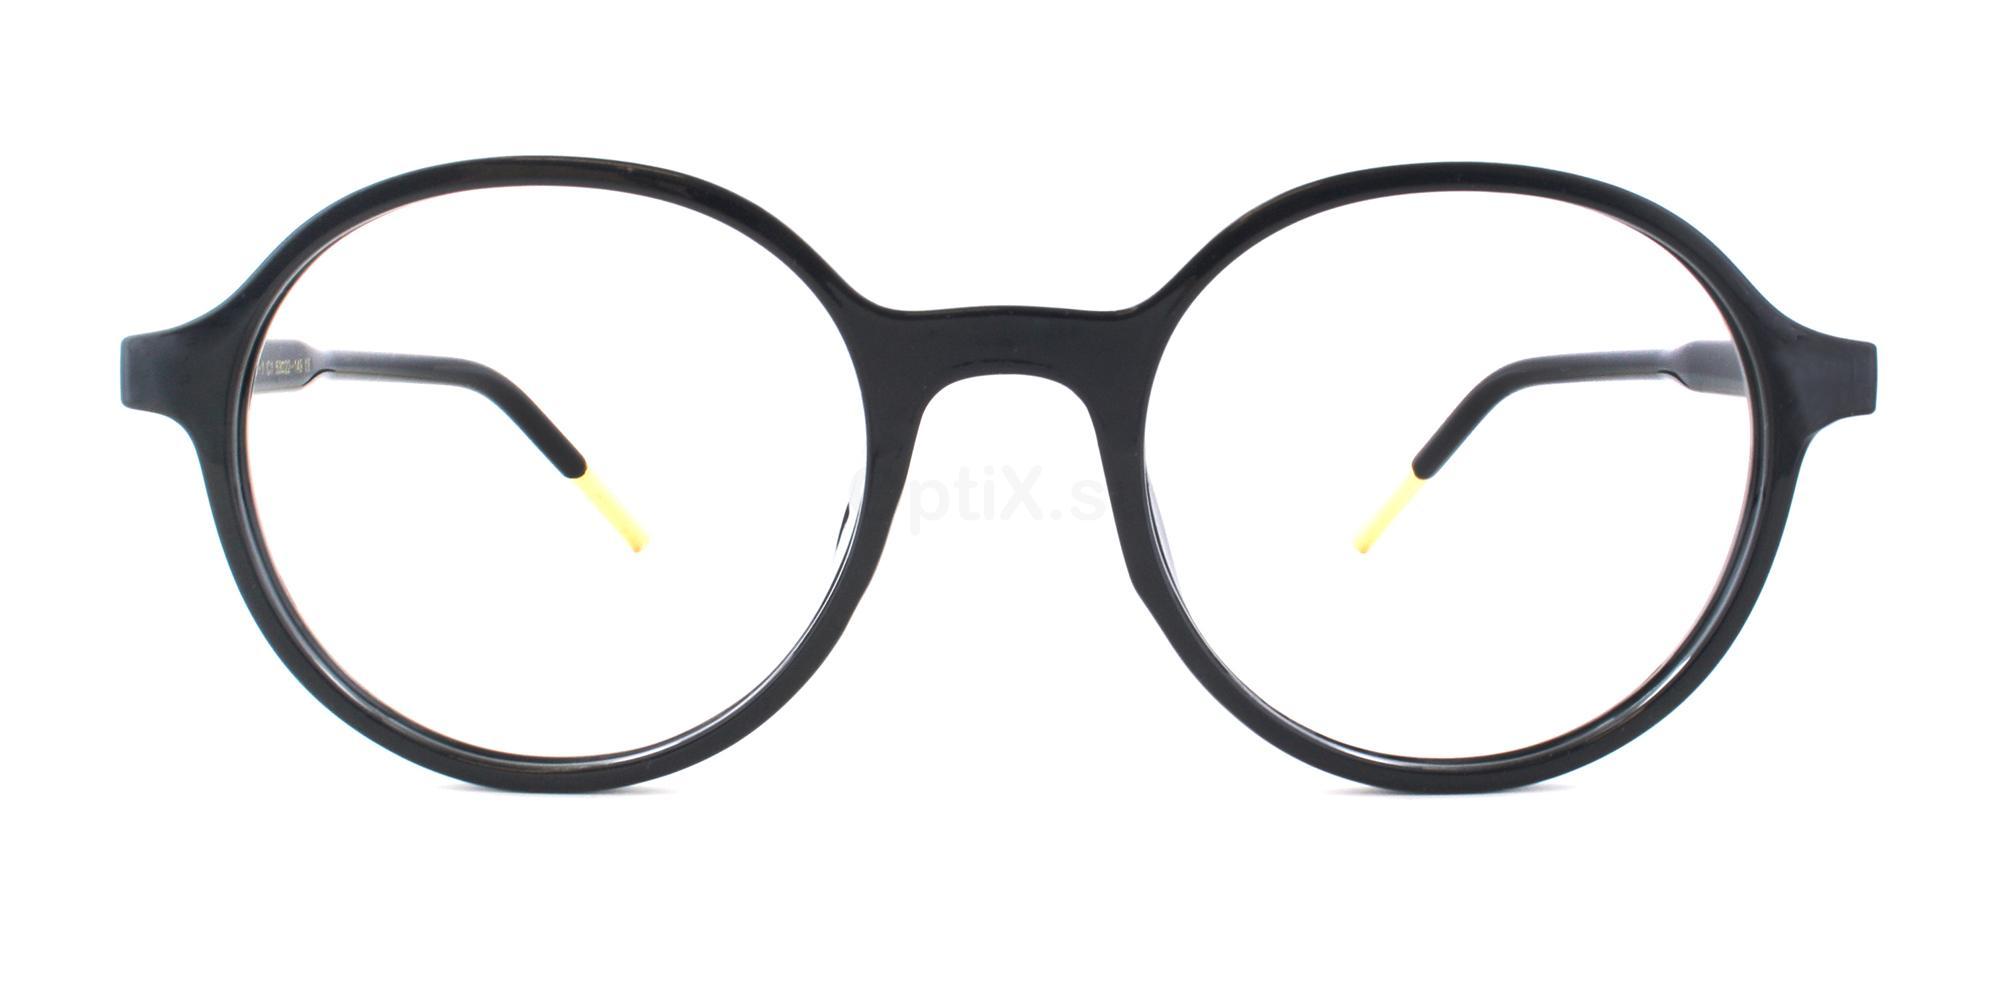 C1 S32053-1 Glasses, Infinity